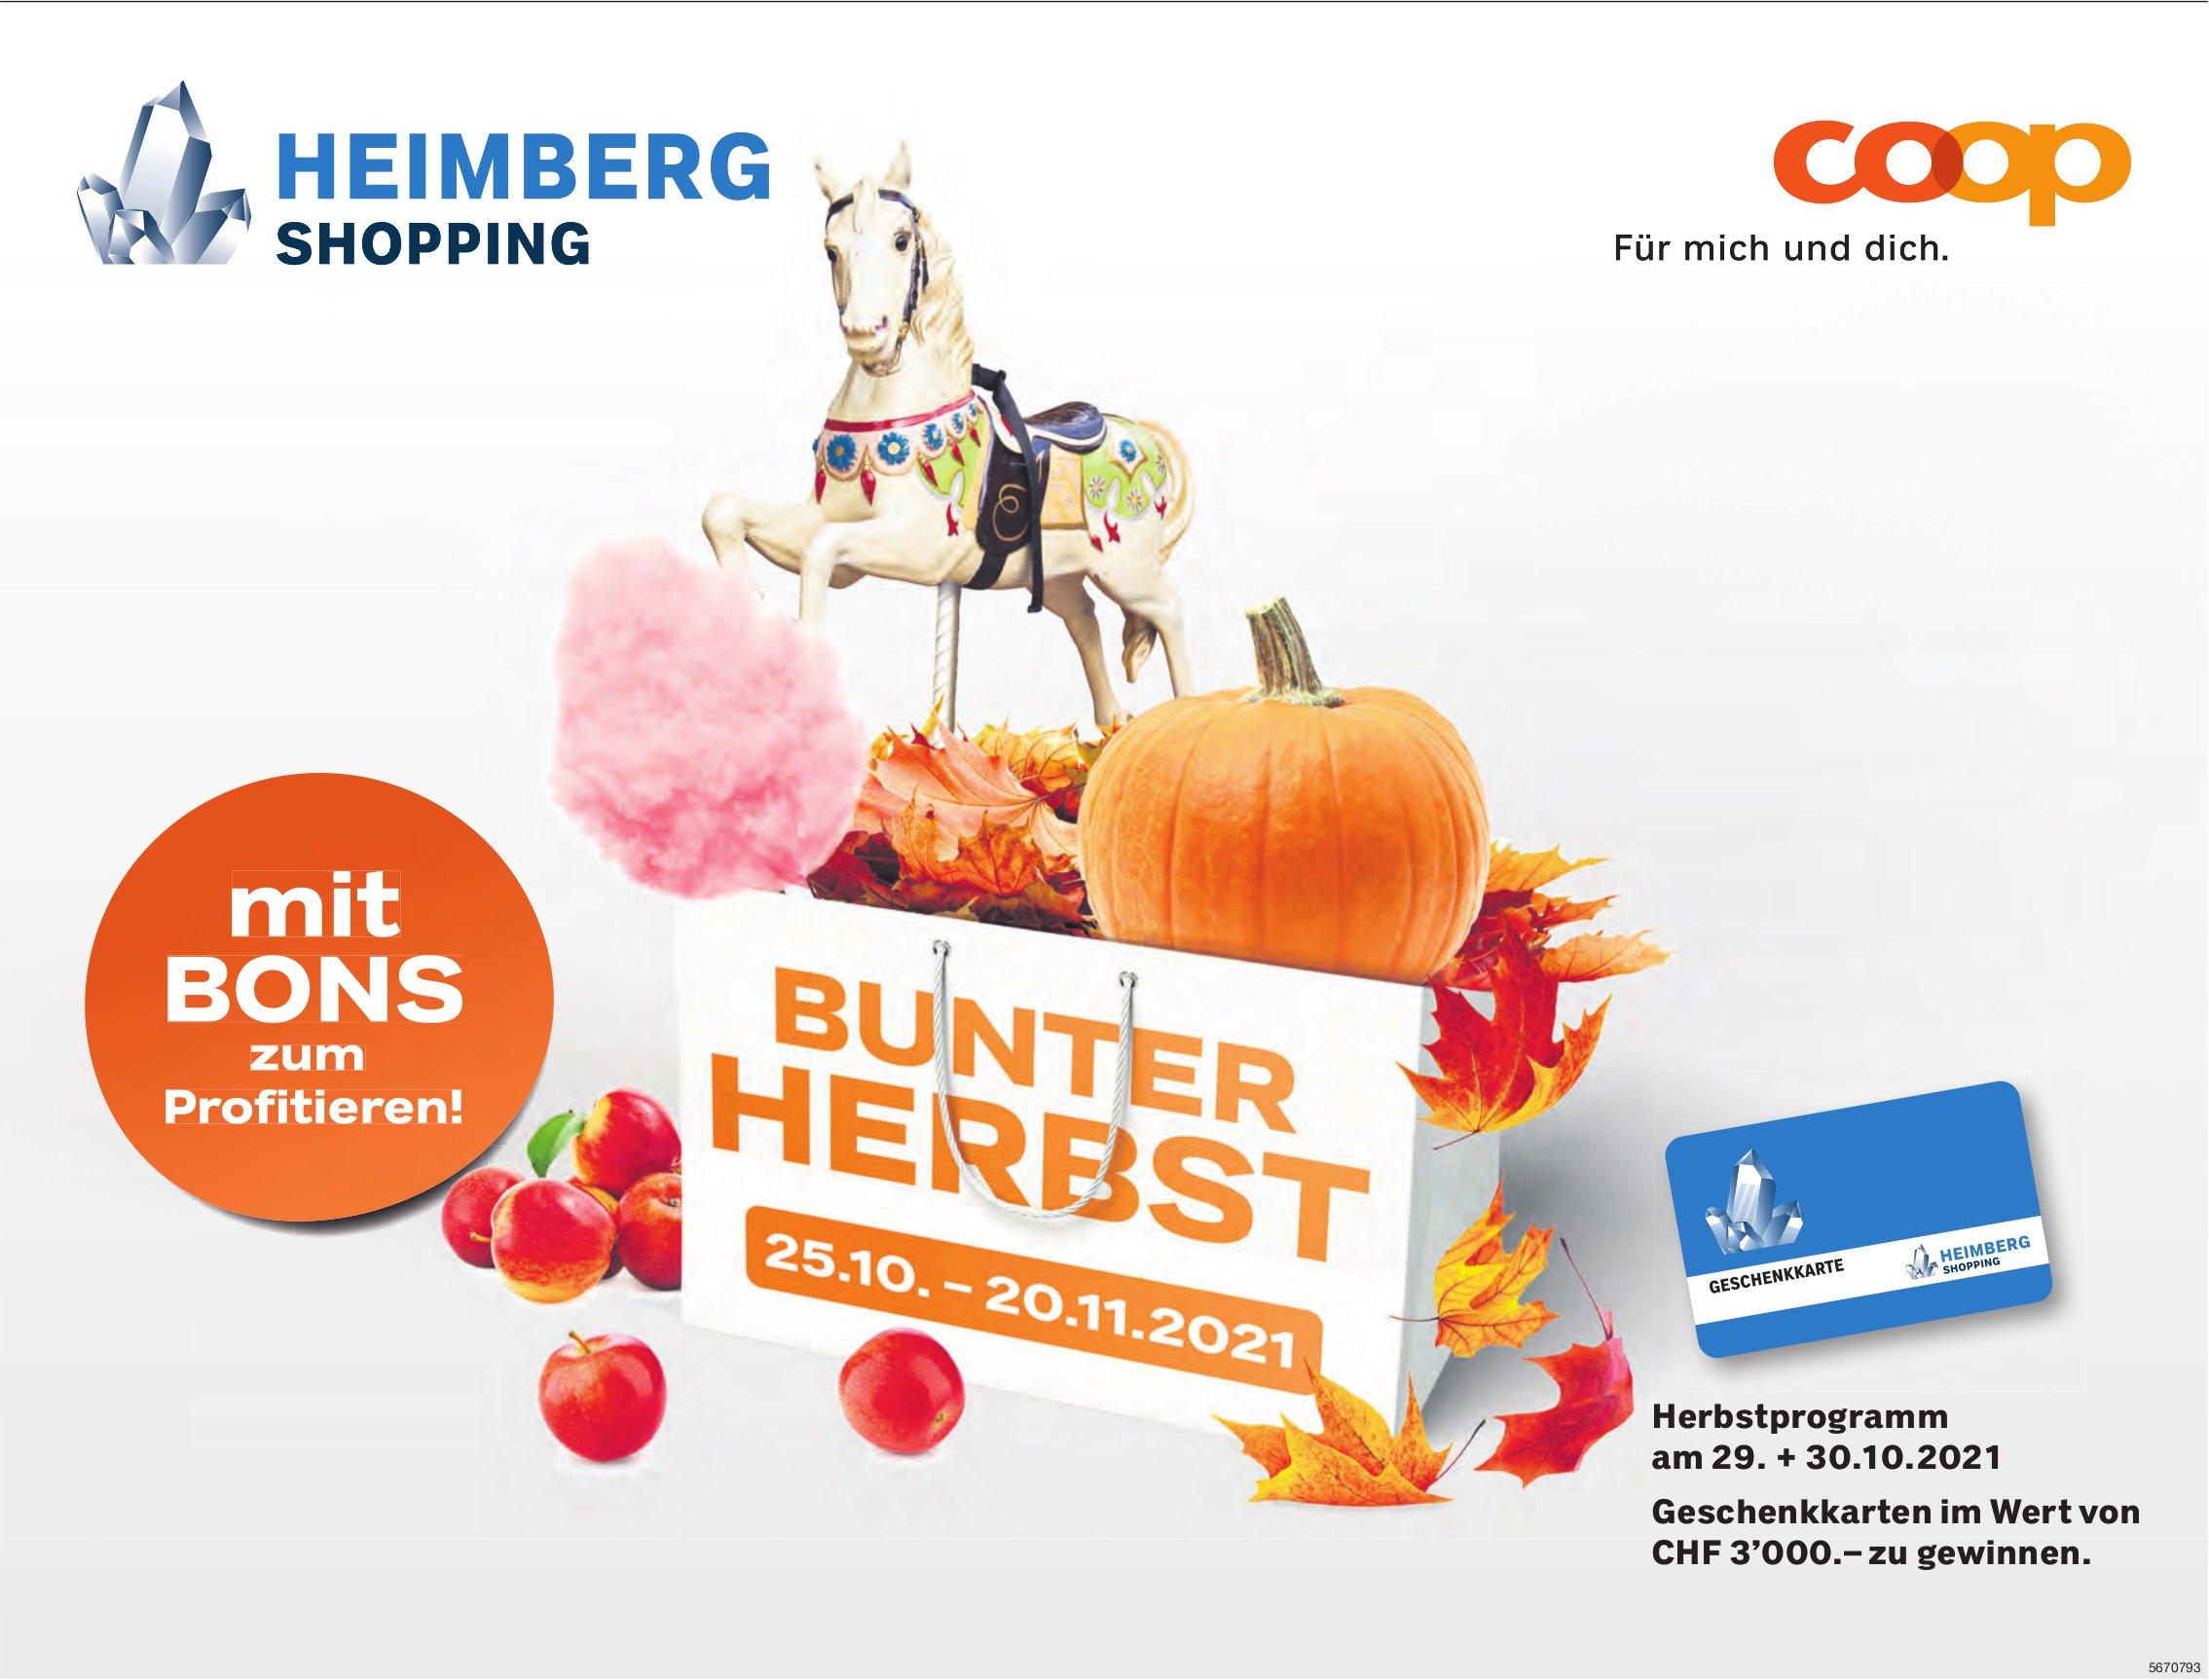 Bunter Herbst, 25. Oktober - 20. Novermber, Coop Heimberg Shopping